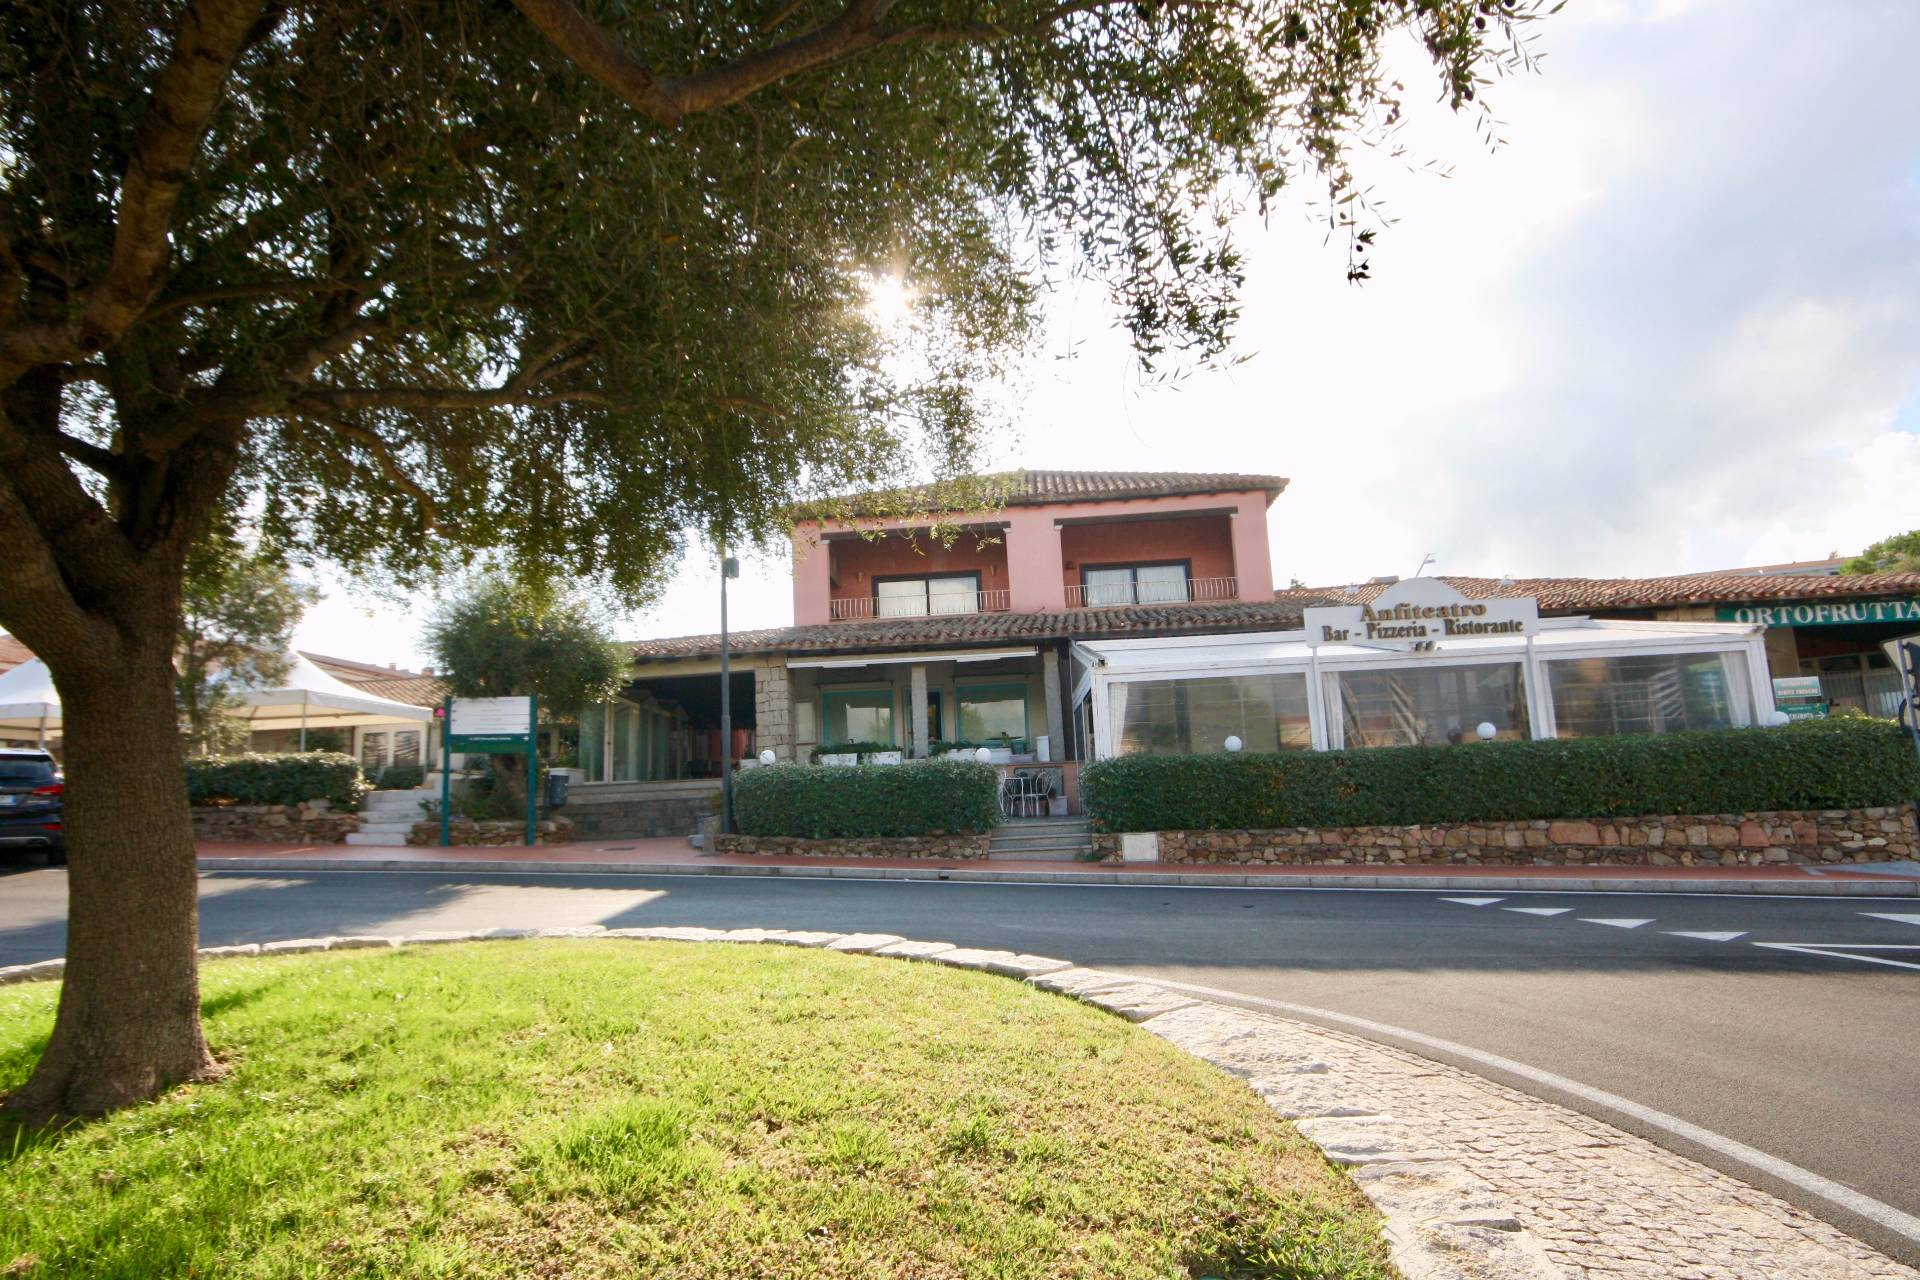 Negozio / Locale in vendita a Olbia - Porto Rotondo, 9999 locali, zona Località: PortoRotondo, prezzo € 200.000 | CambioCasa.it